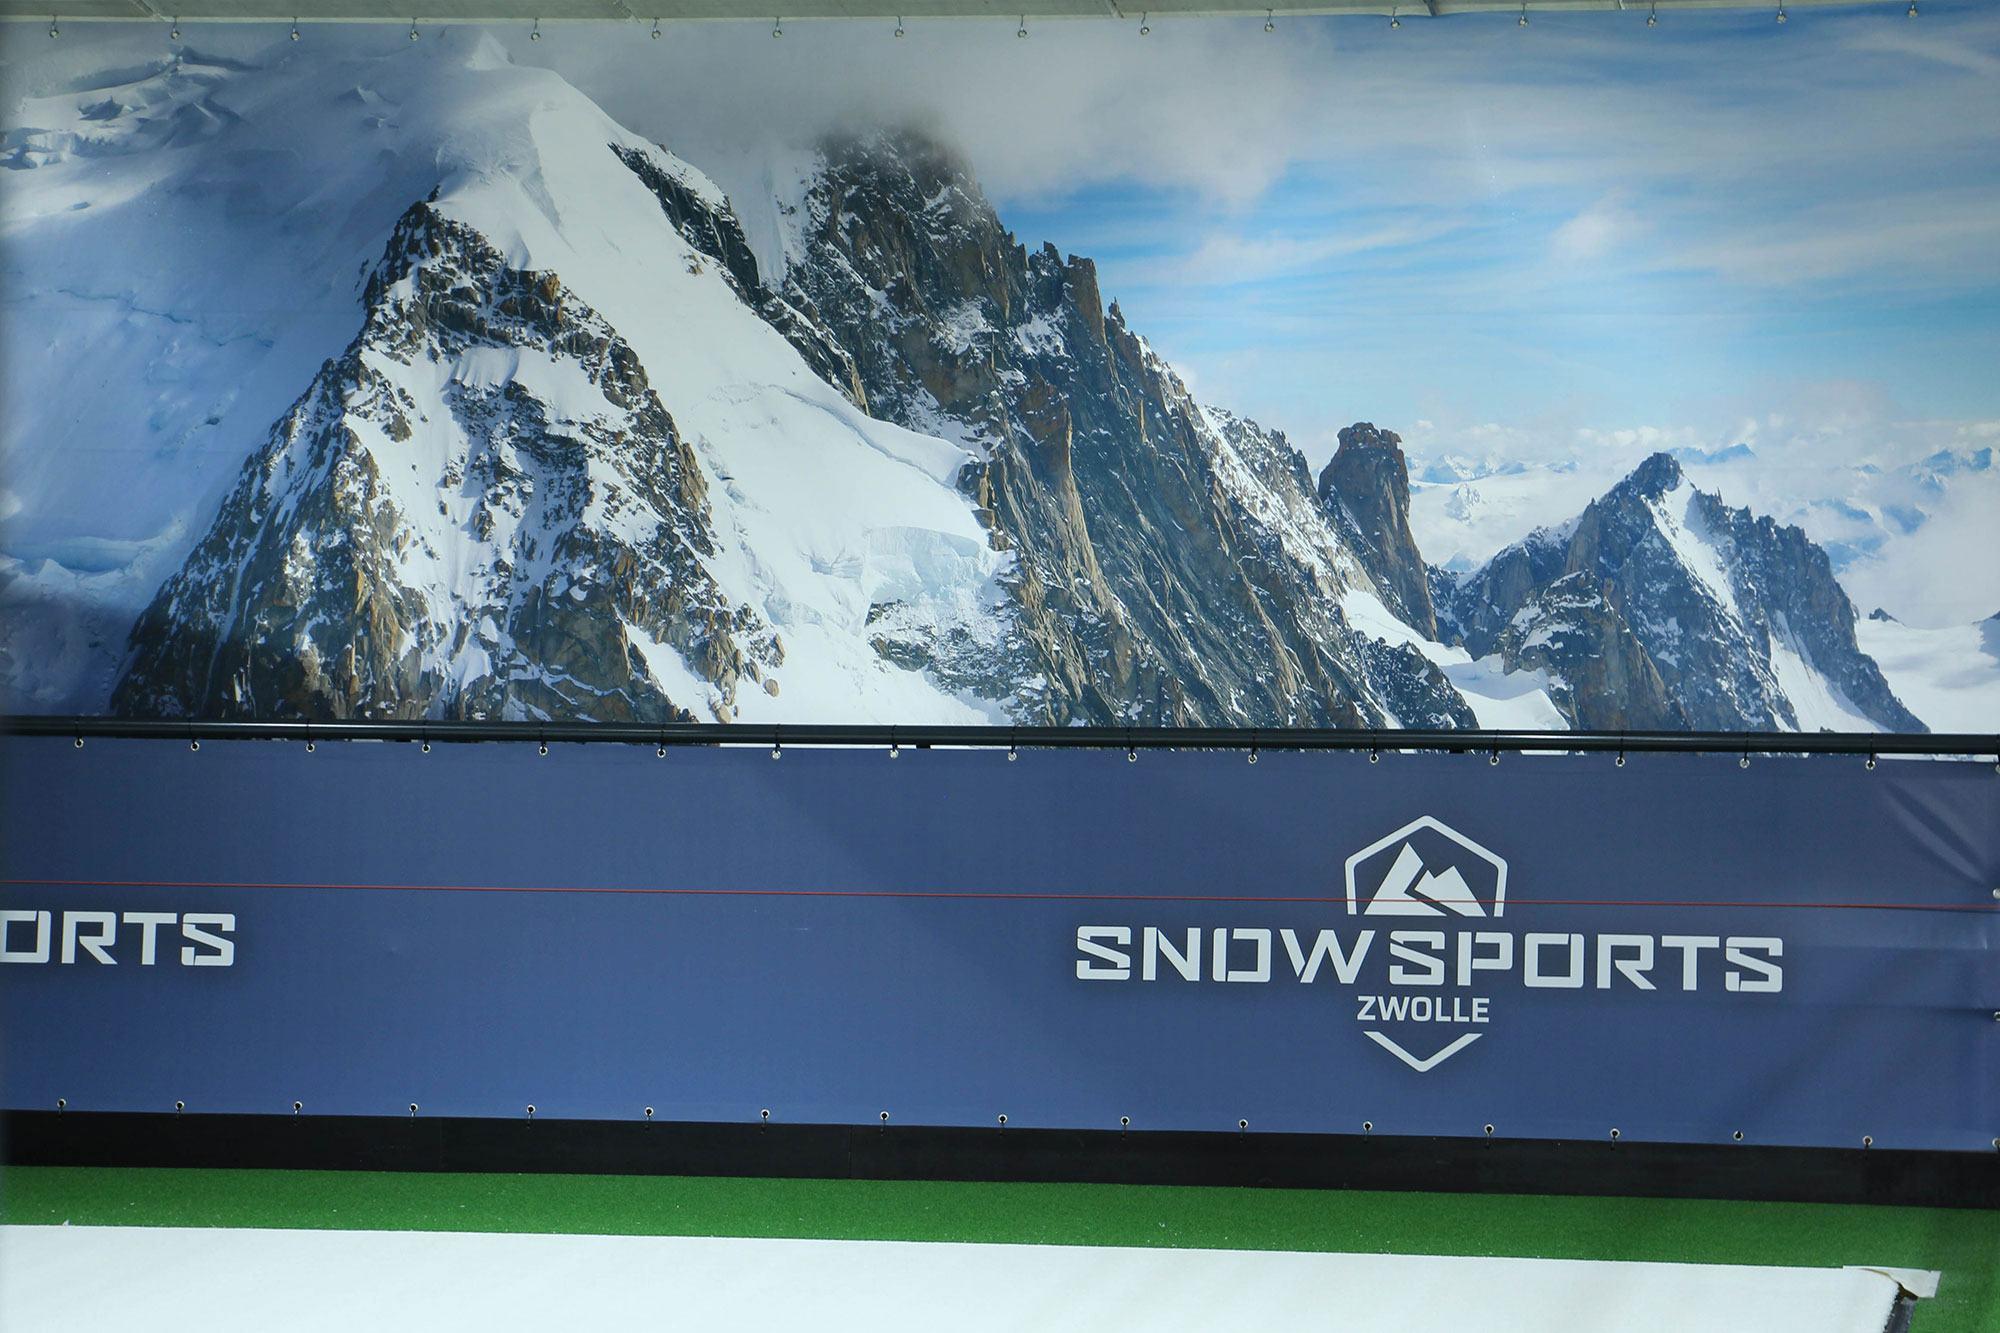 akoestiek snowsports